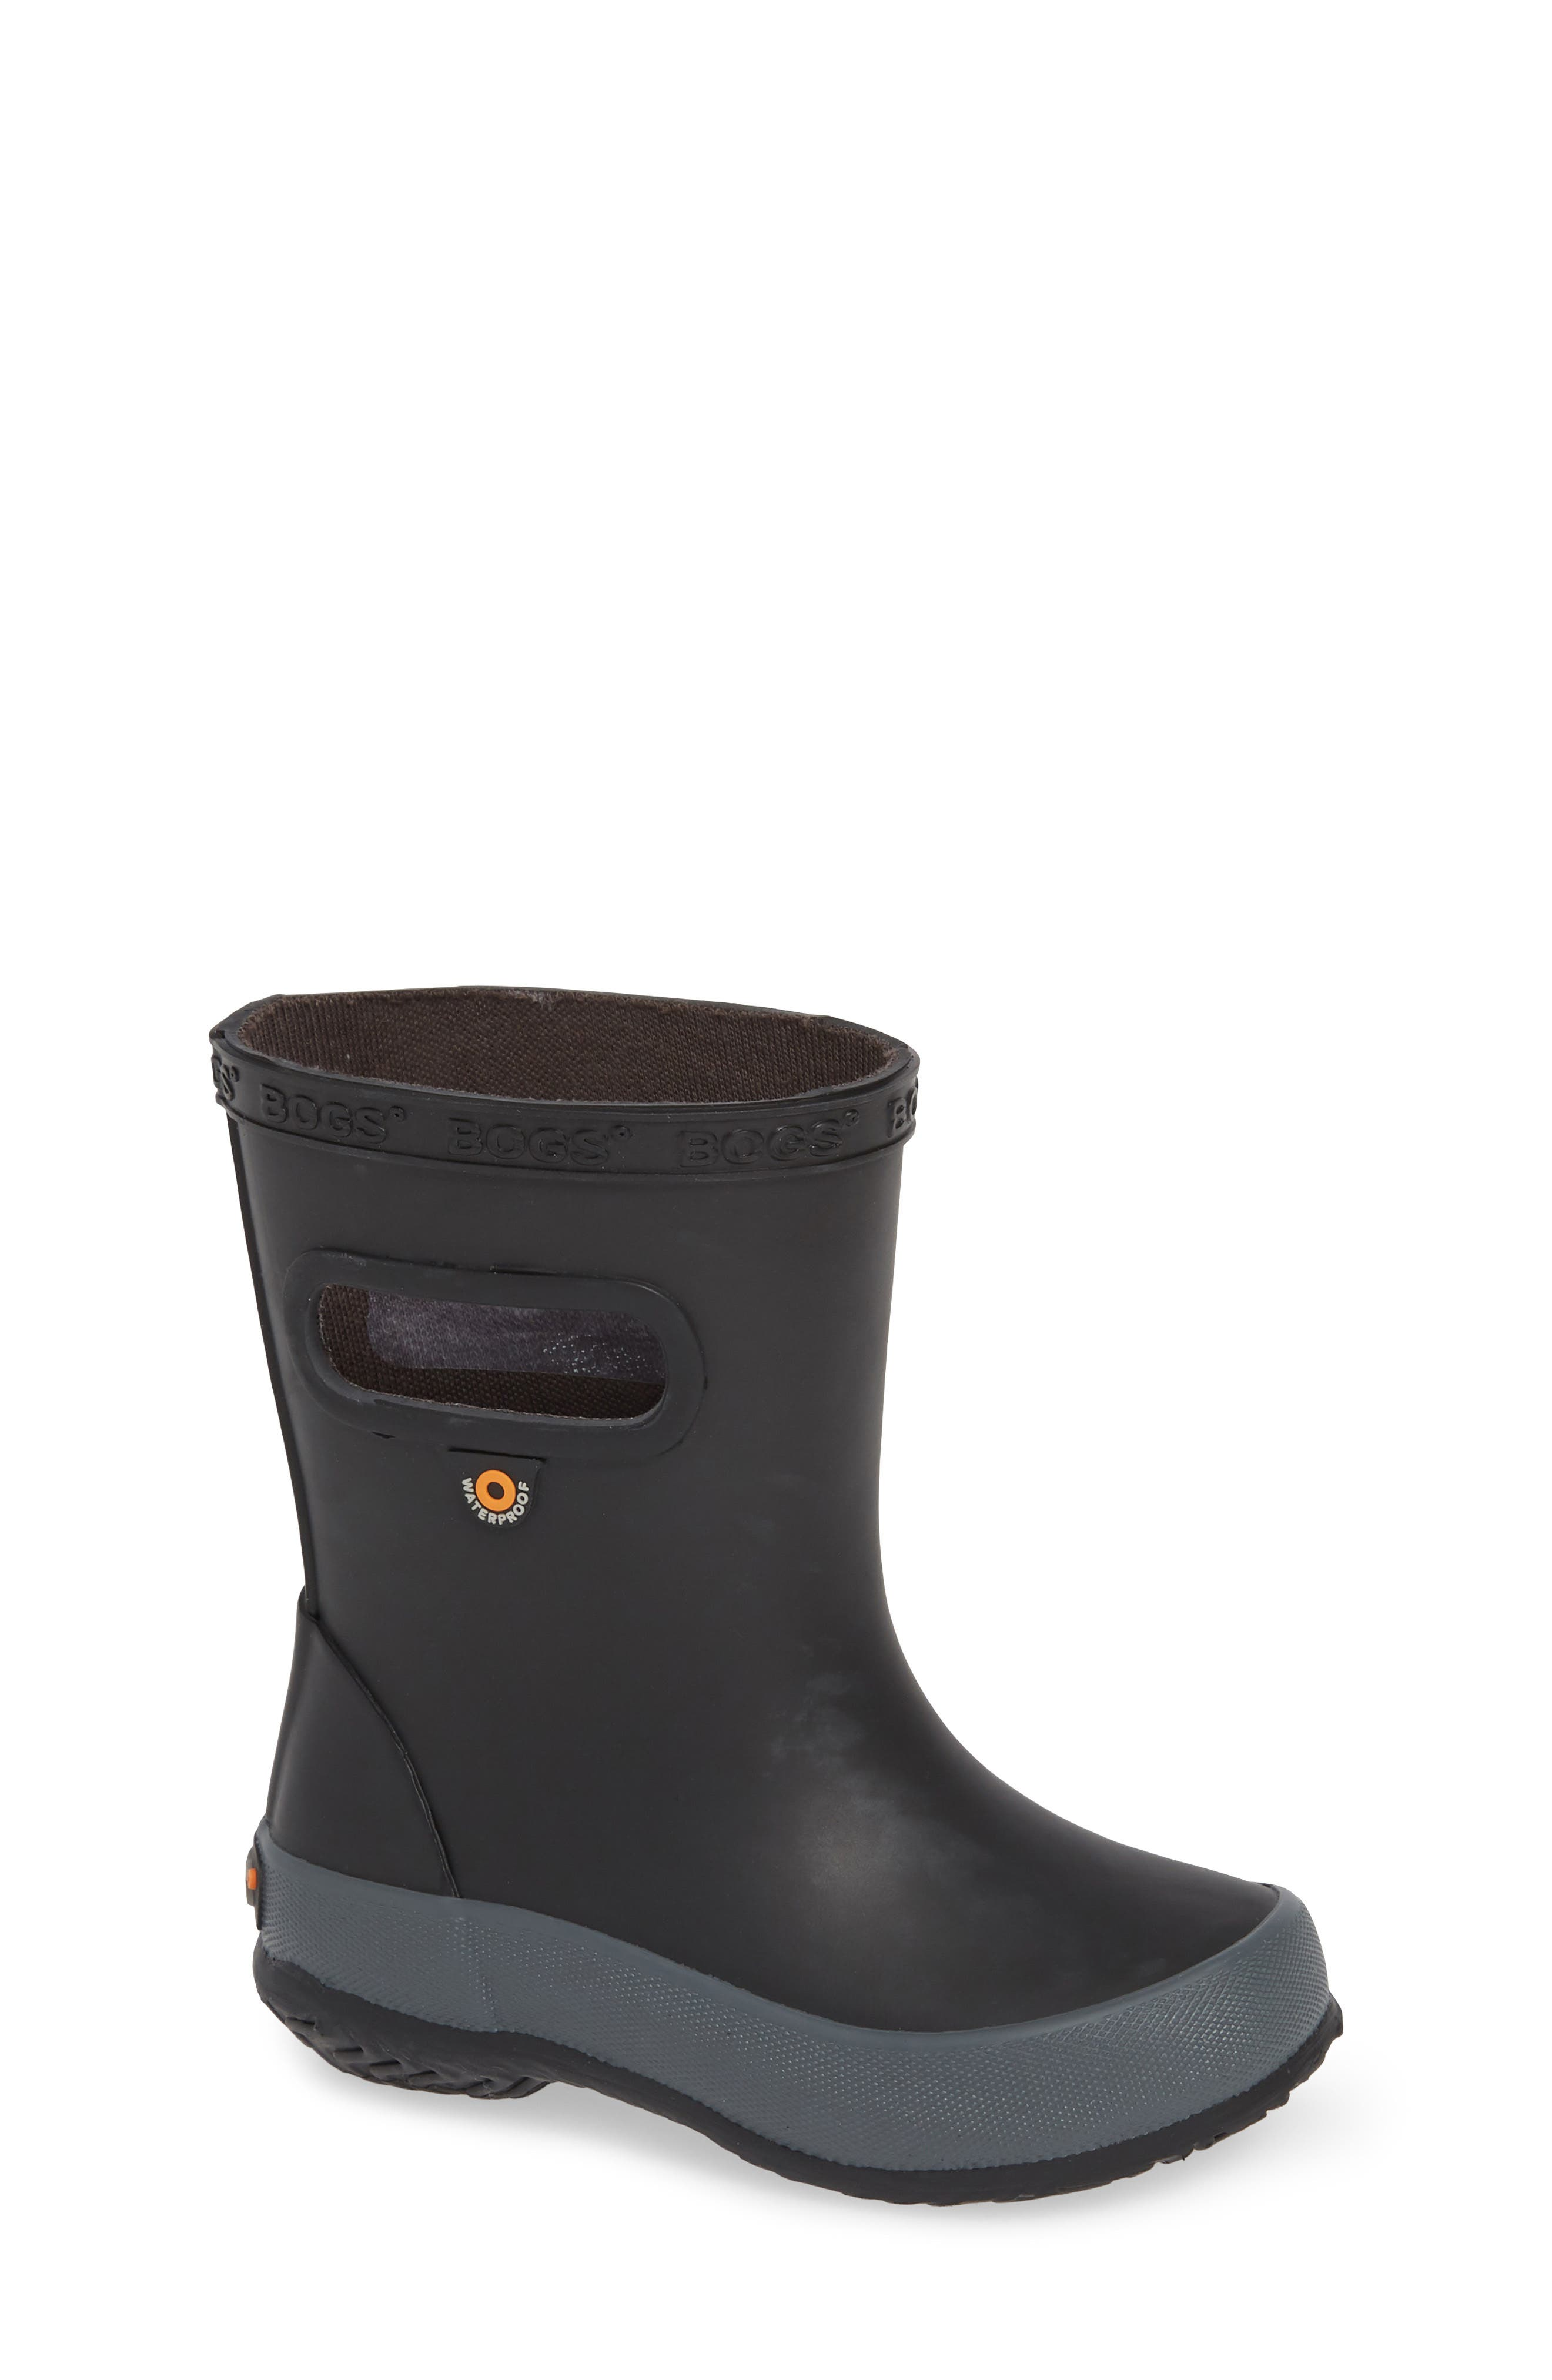 BOGS Skipper Solid Rubber Rain Boot, Main, color, 001